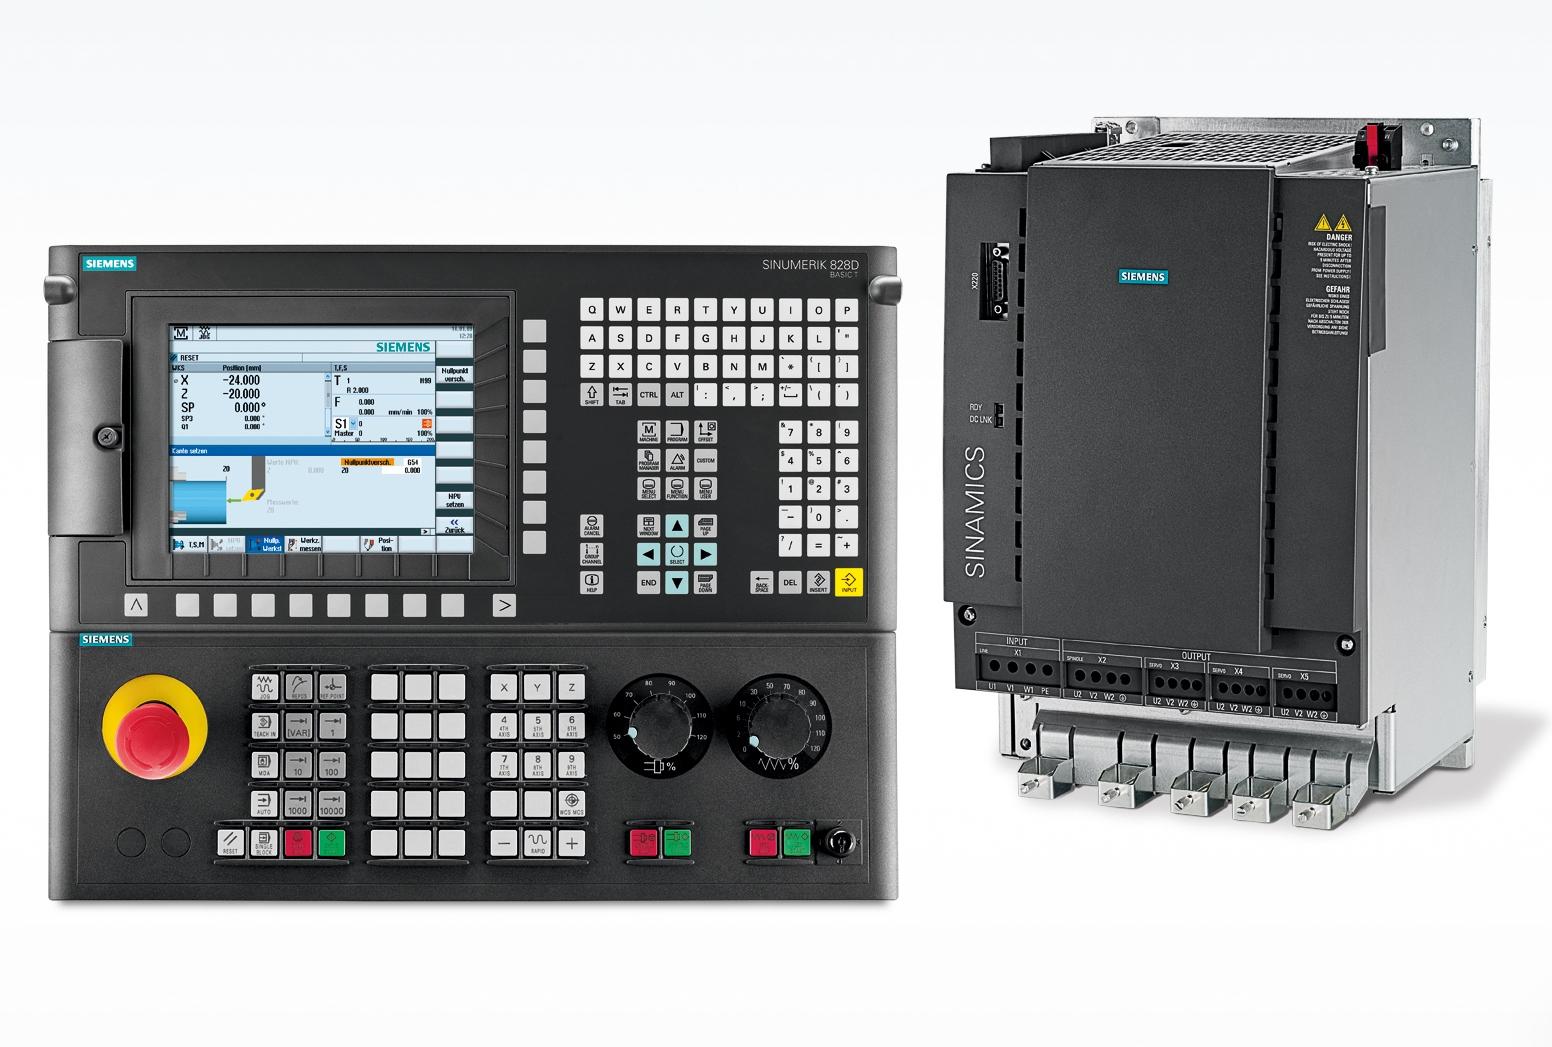 Siemens 828D-VMC1020